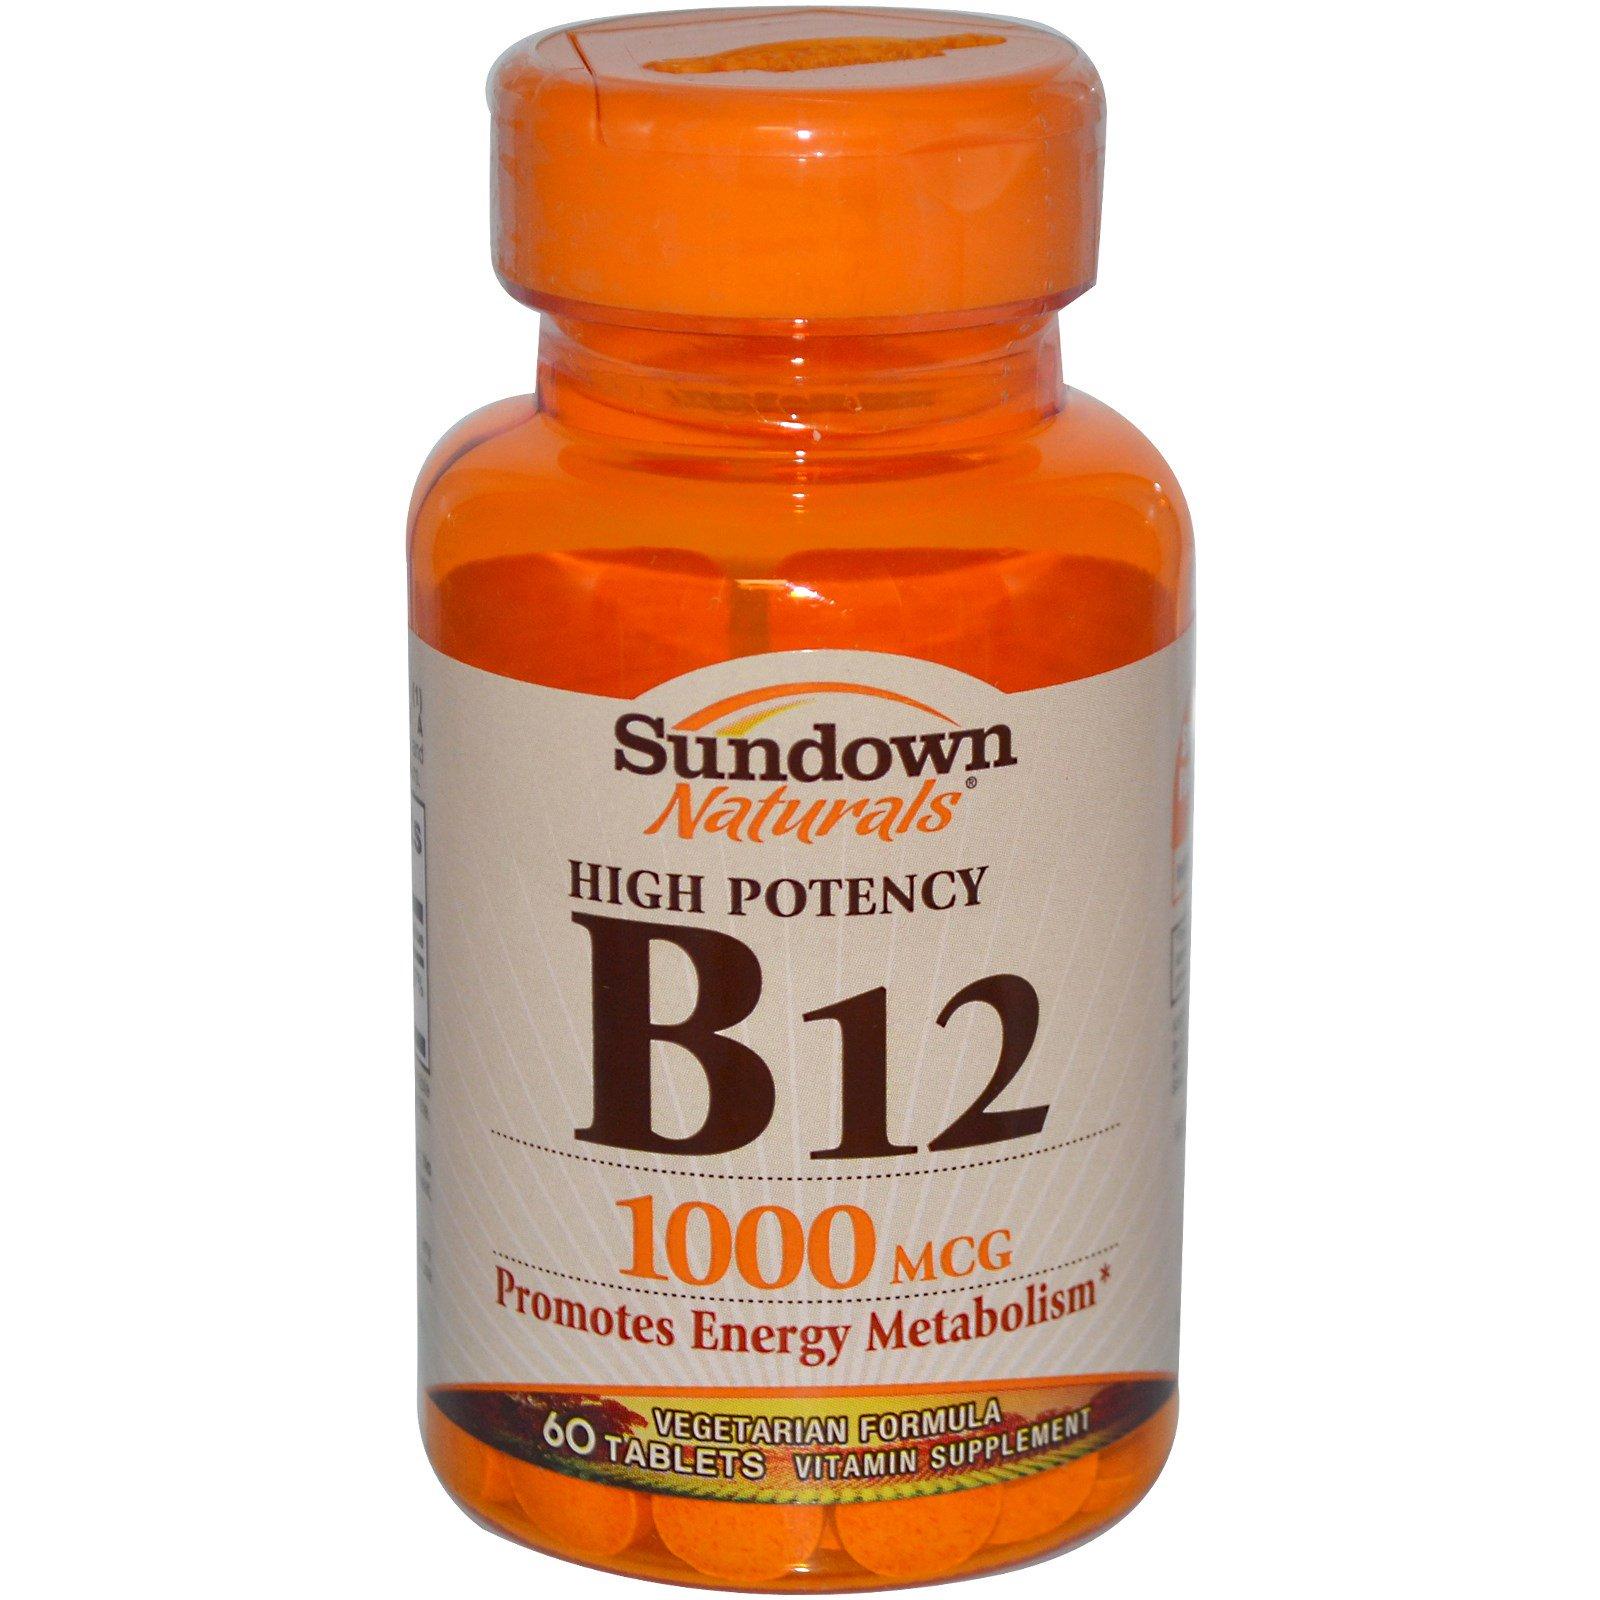 صور فيتامين b12 , اعراض نقص فيتامين b12